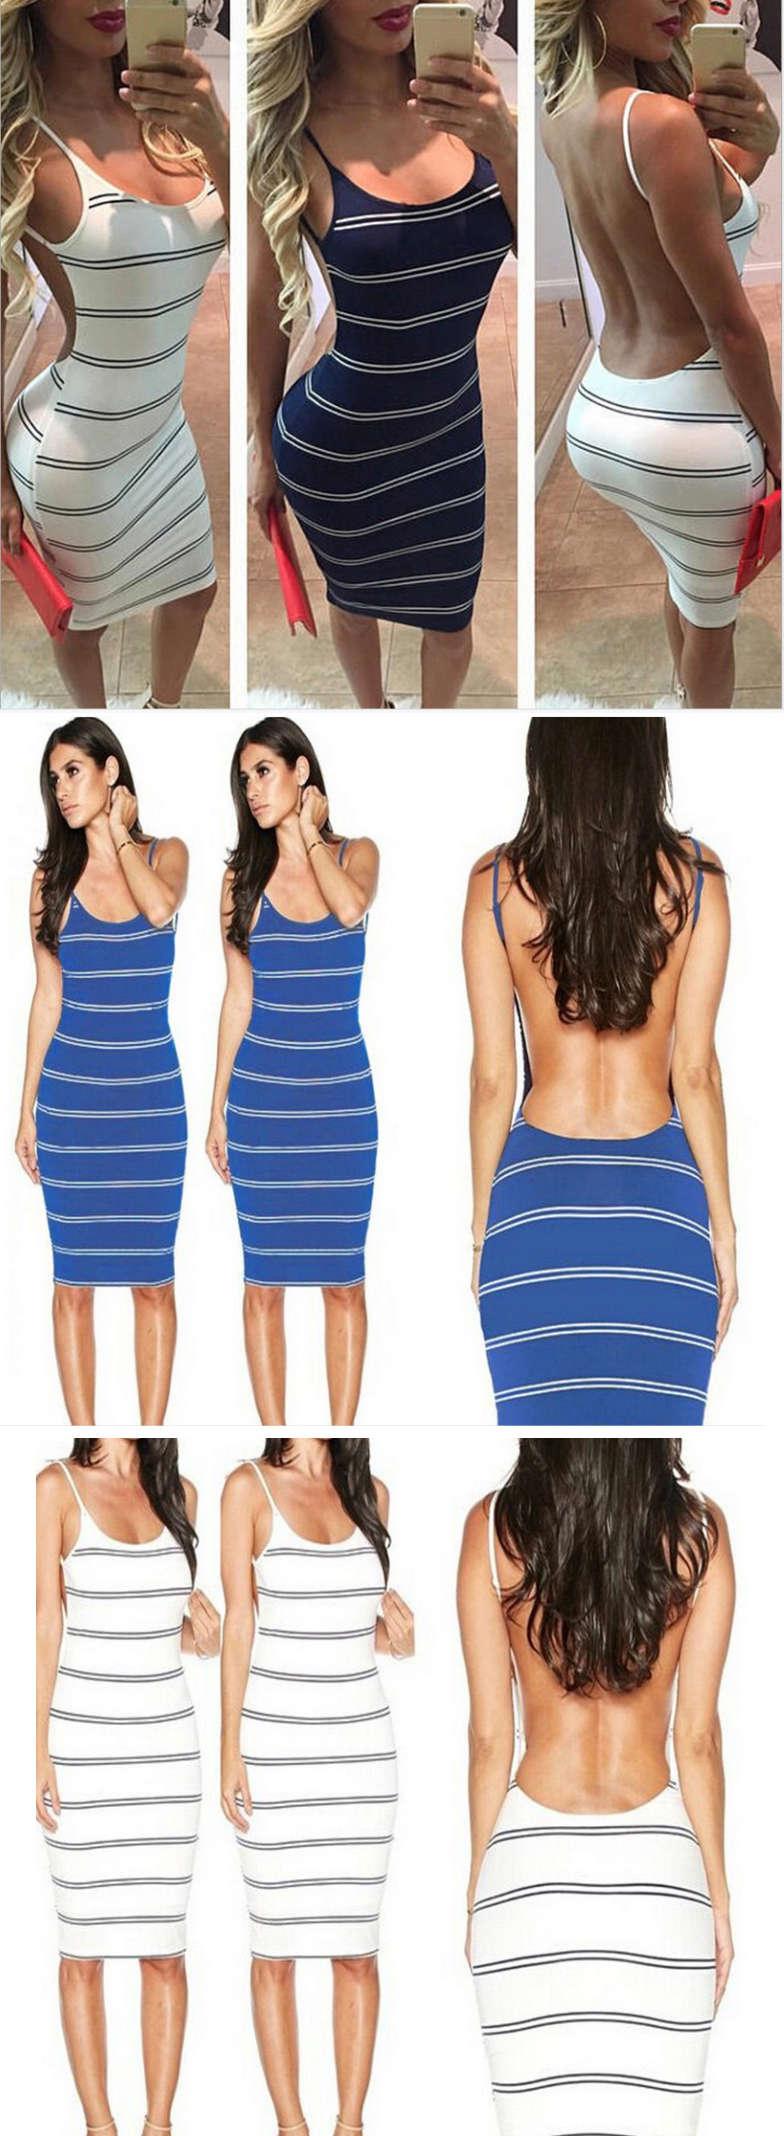 Платья всех цветов и размеров. Htb1zu10